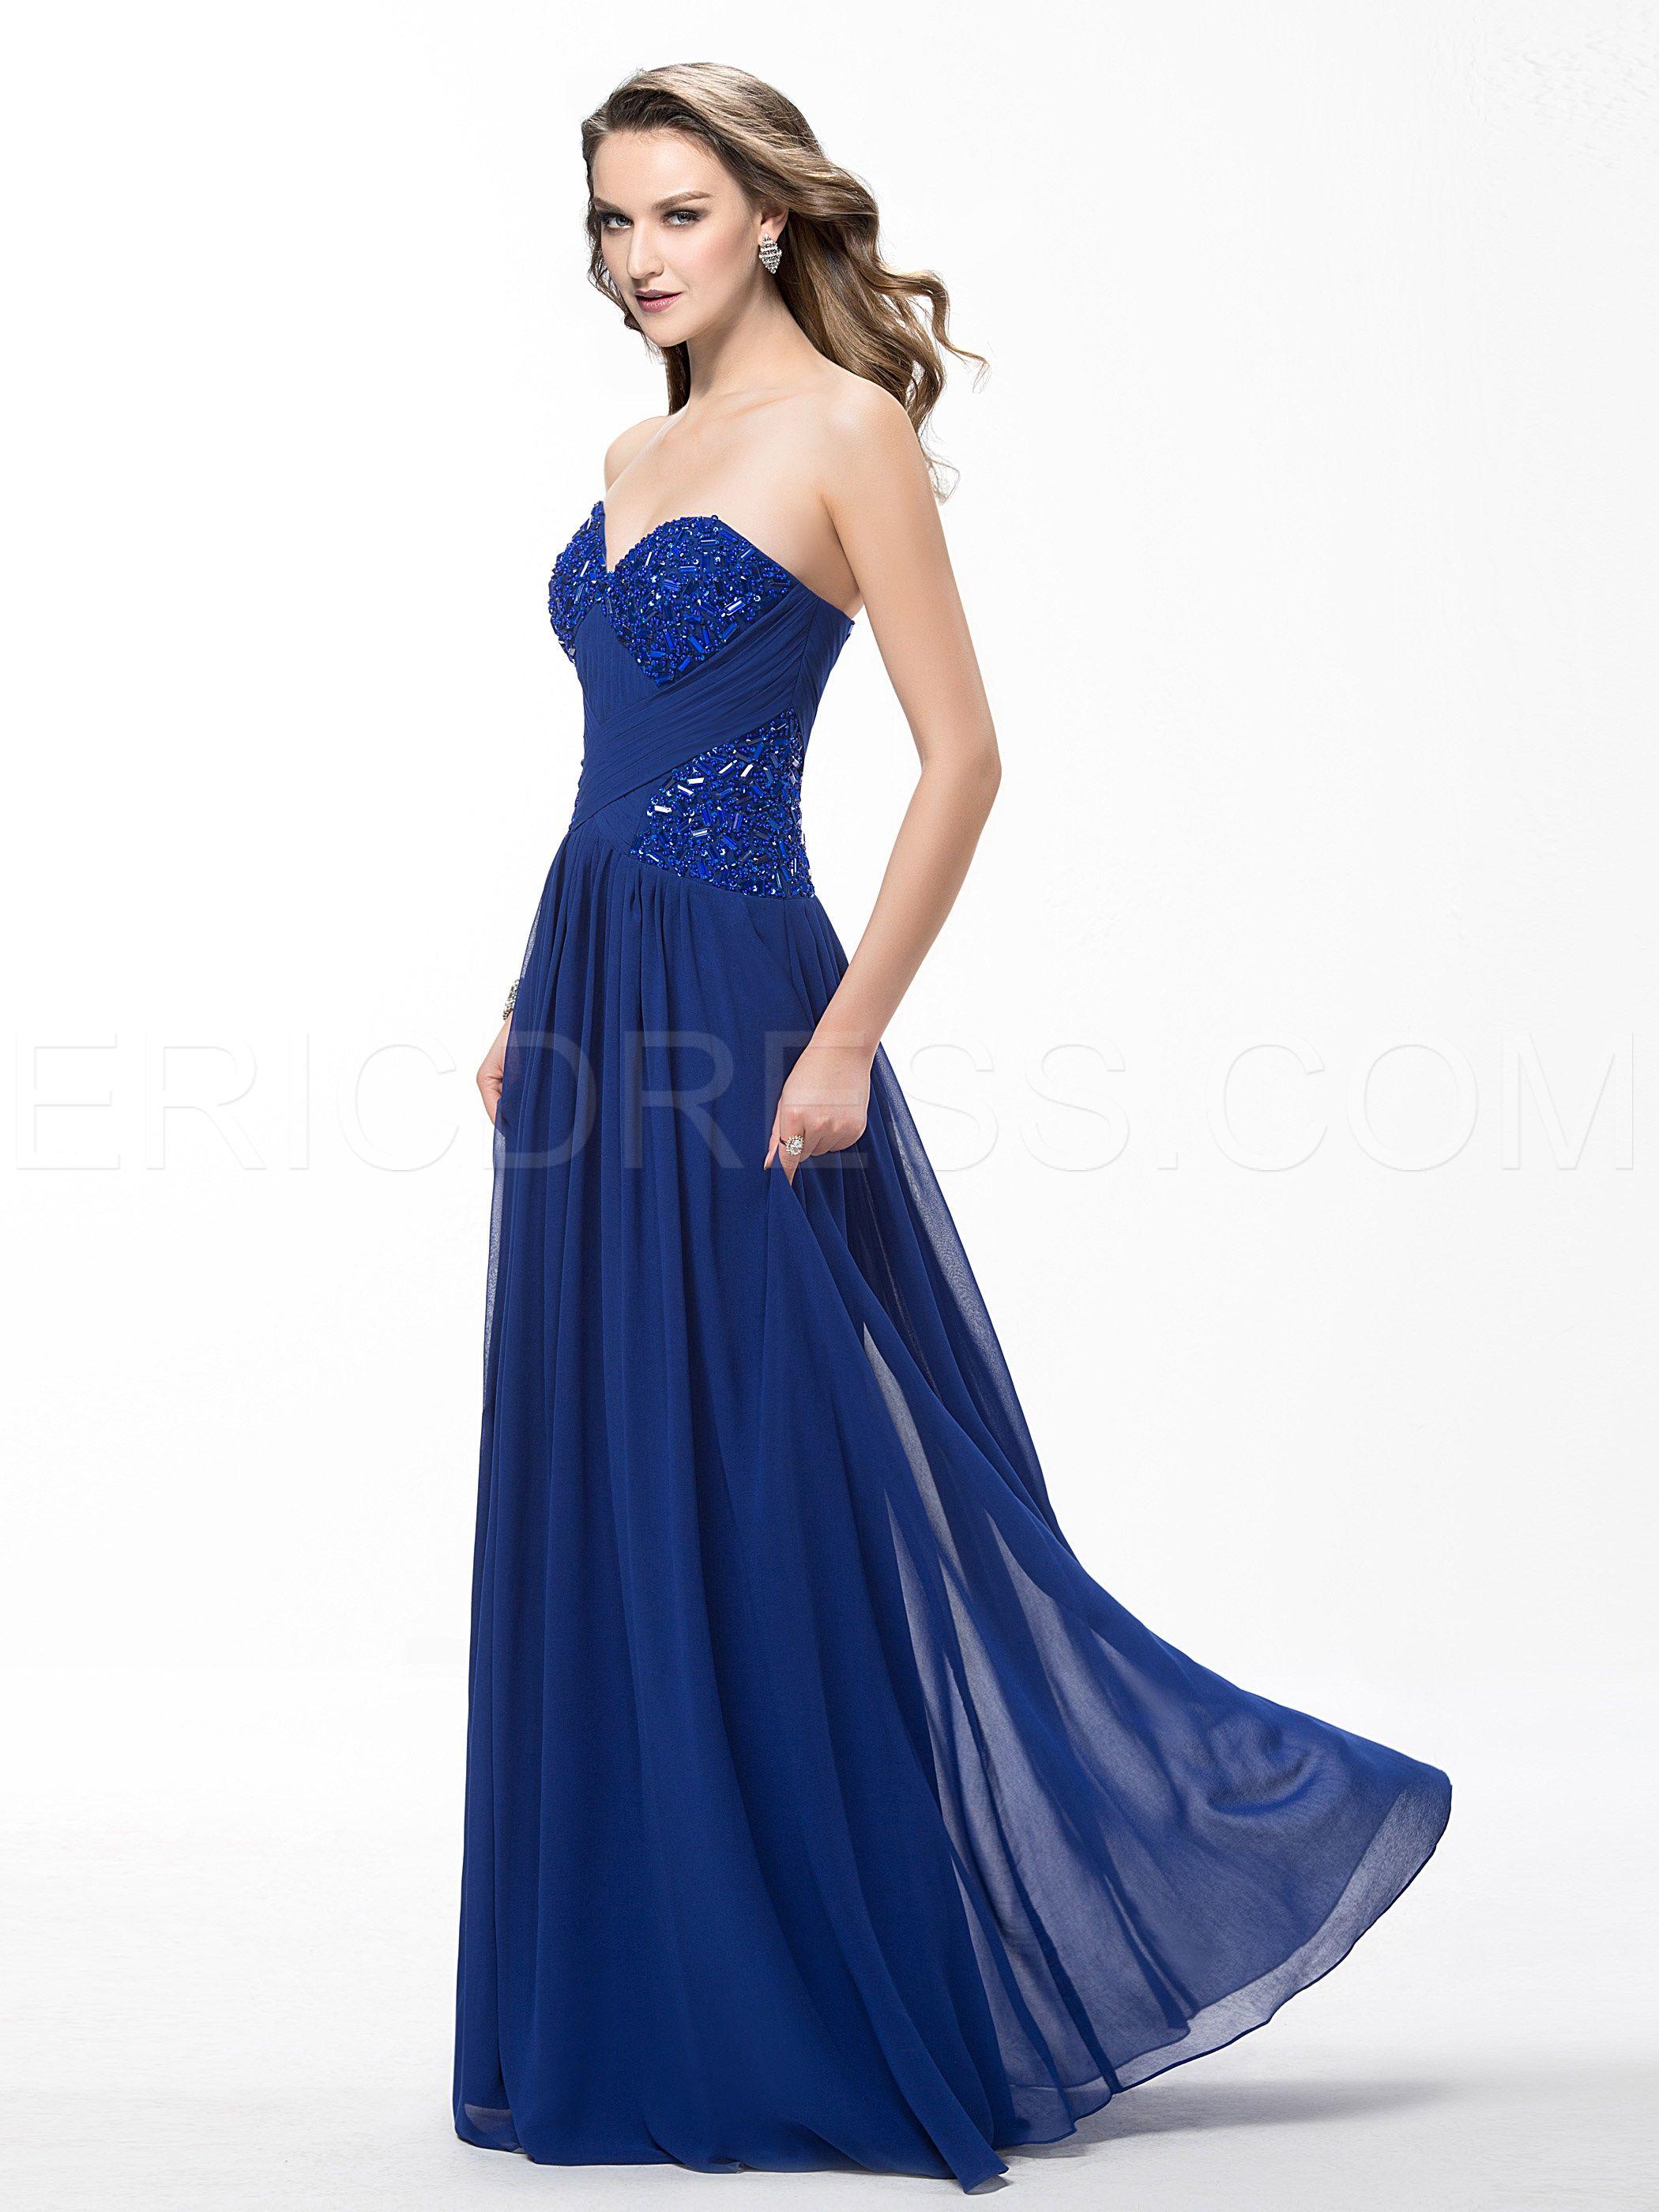 Elegant bespoke aline floor length sweetheart ruffles prom dress